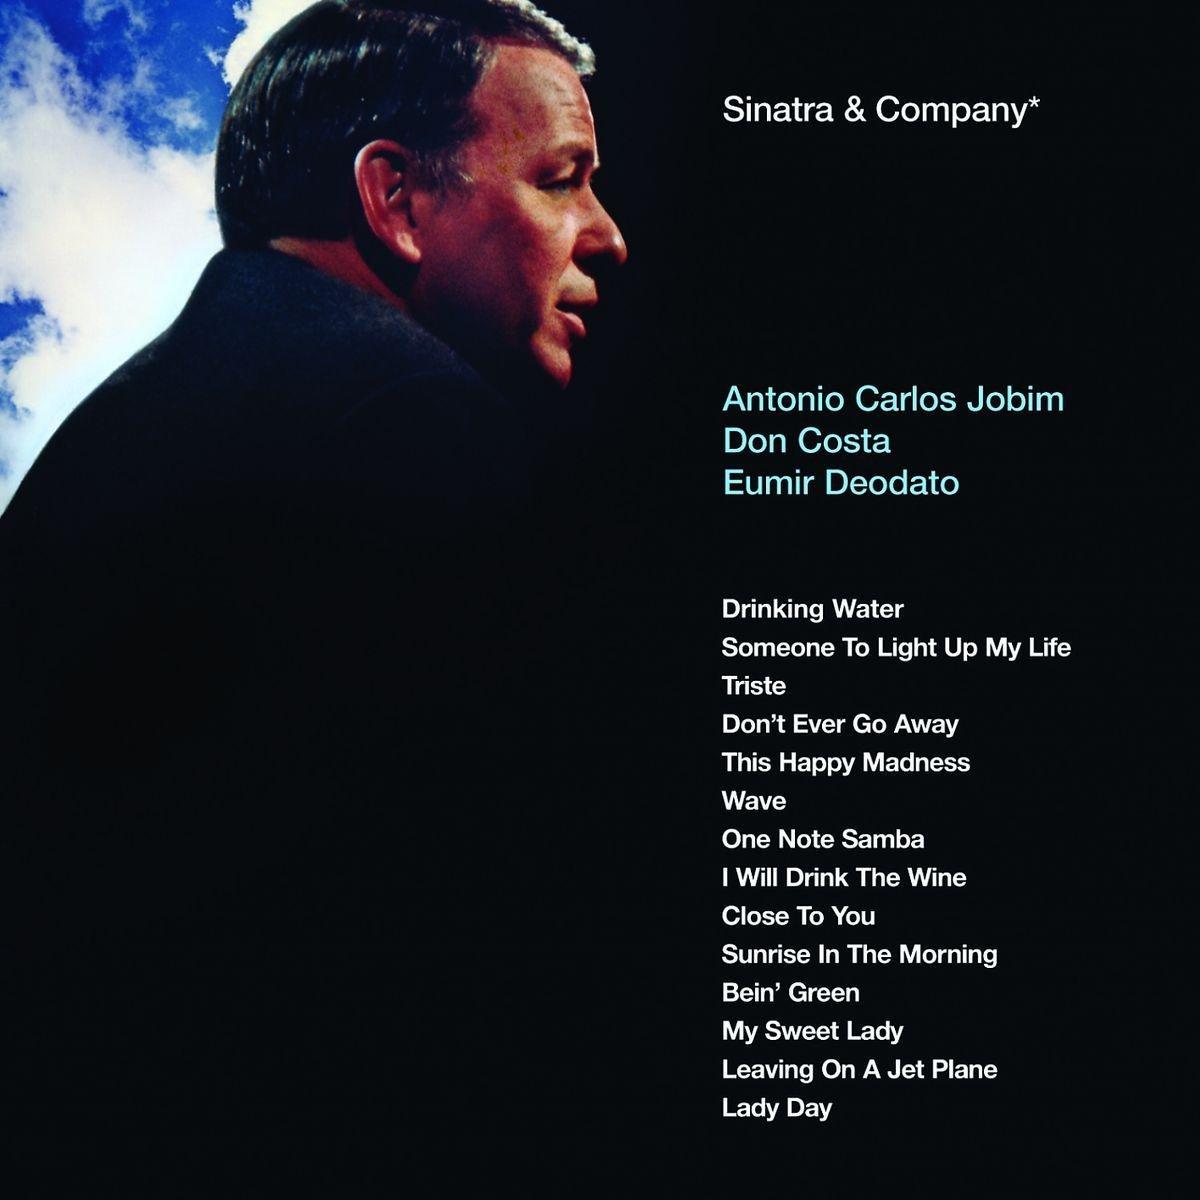 Sinatra & Company